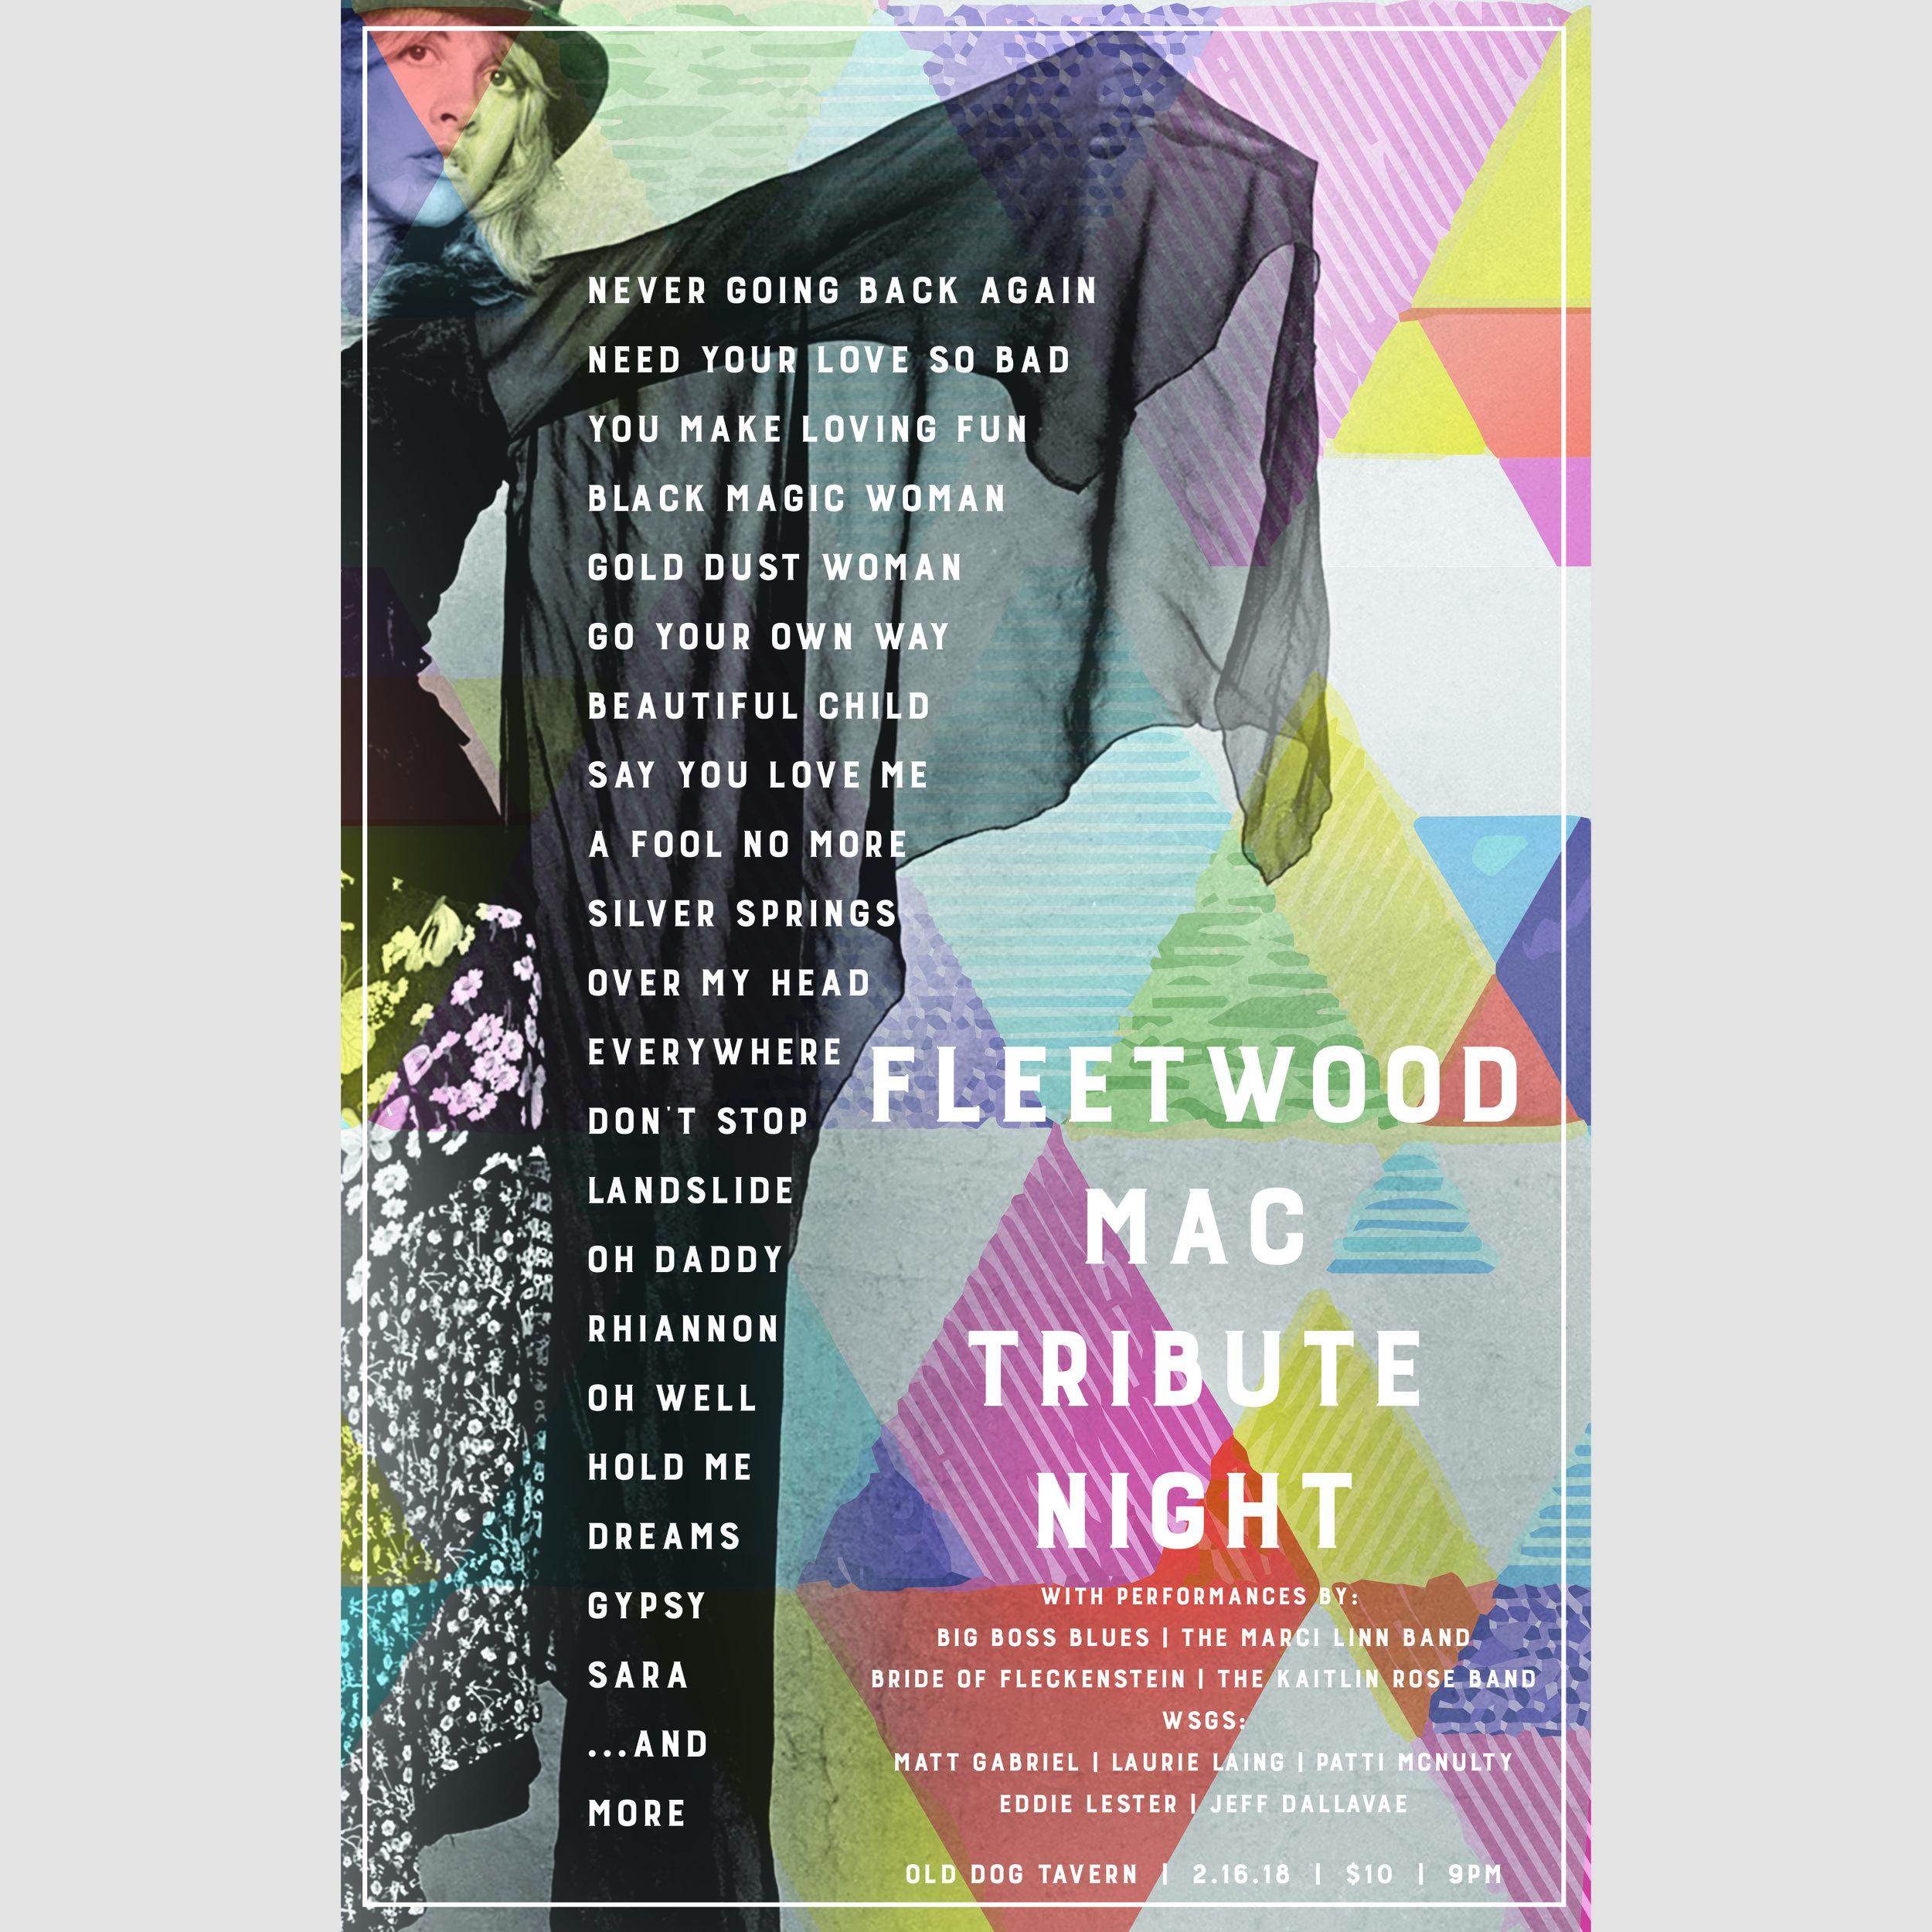 fleetwoodmac_sq.jpg